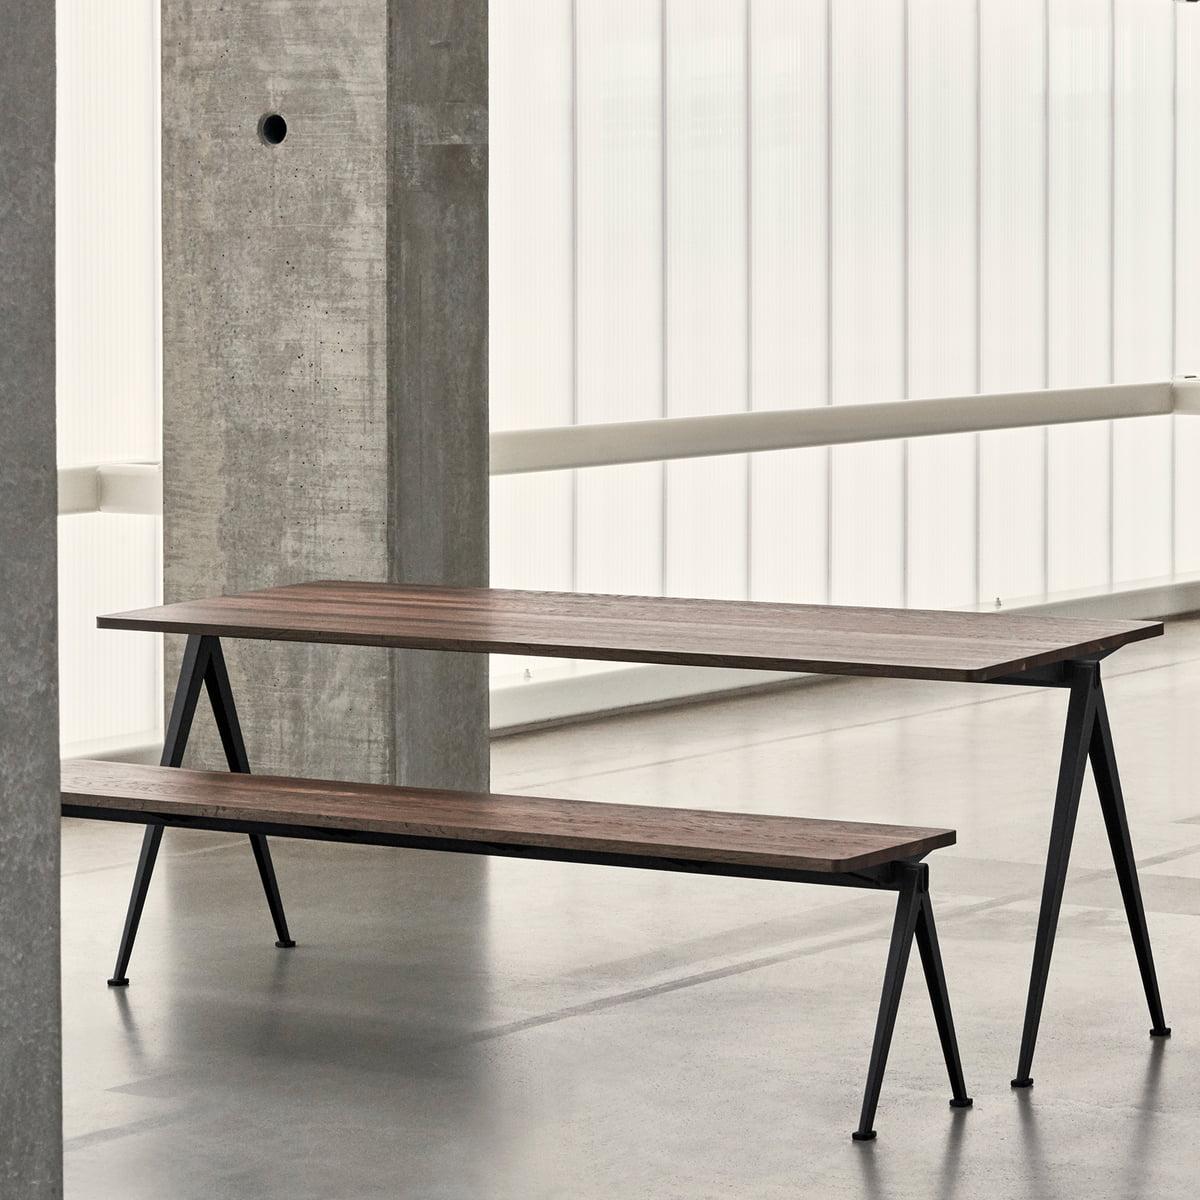 pyramid schreibtisch von hay online kaufen. Black Bedroom Furniture Sets. Home Design Ideas